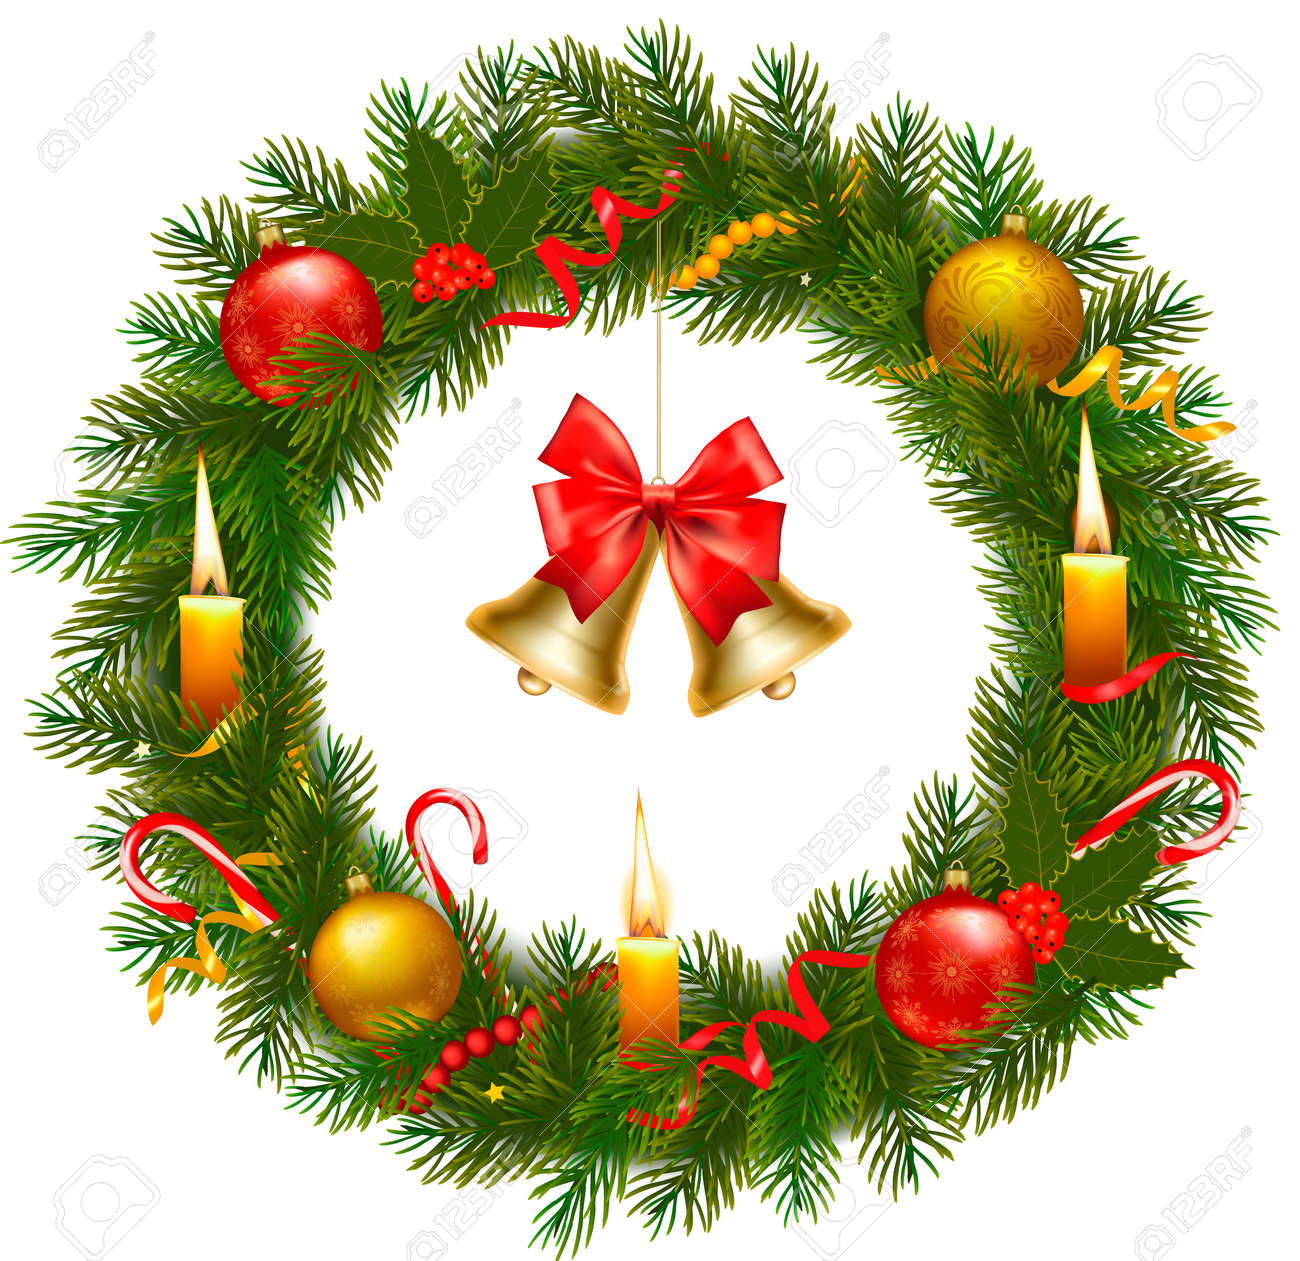 クリスマス ツリーとベル クリスマス リースベクトル イラストのイラスト